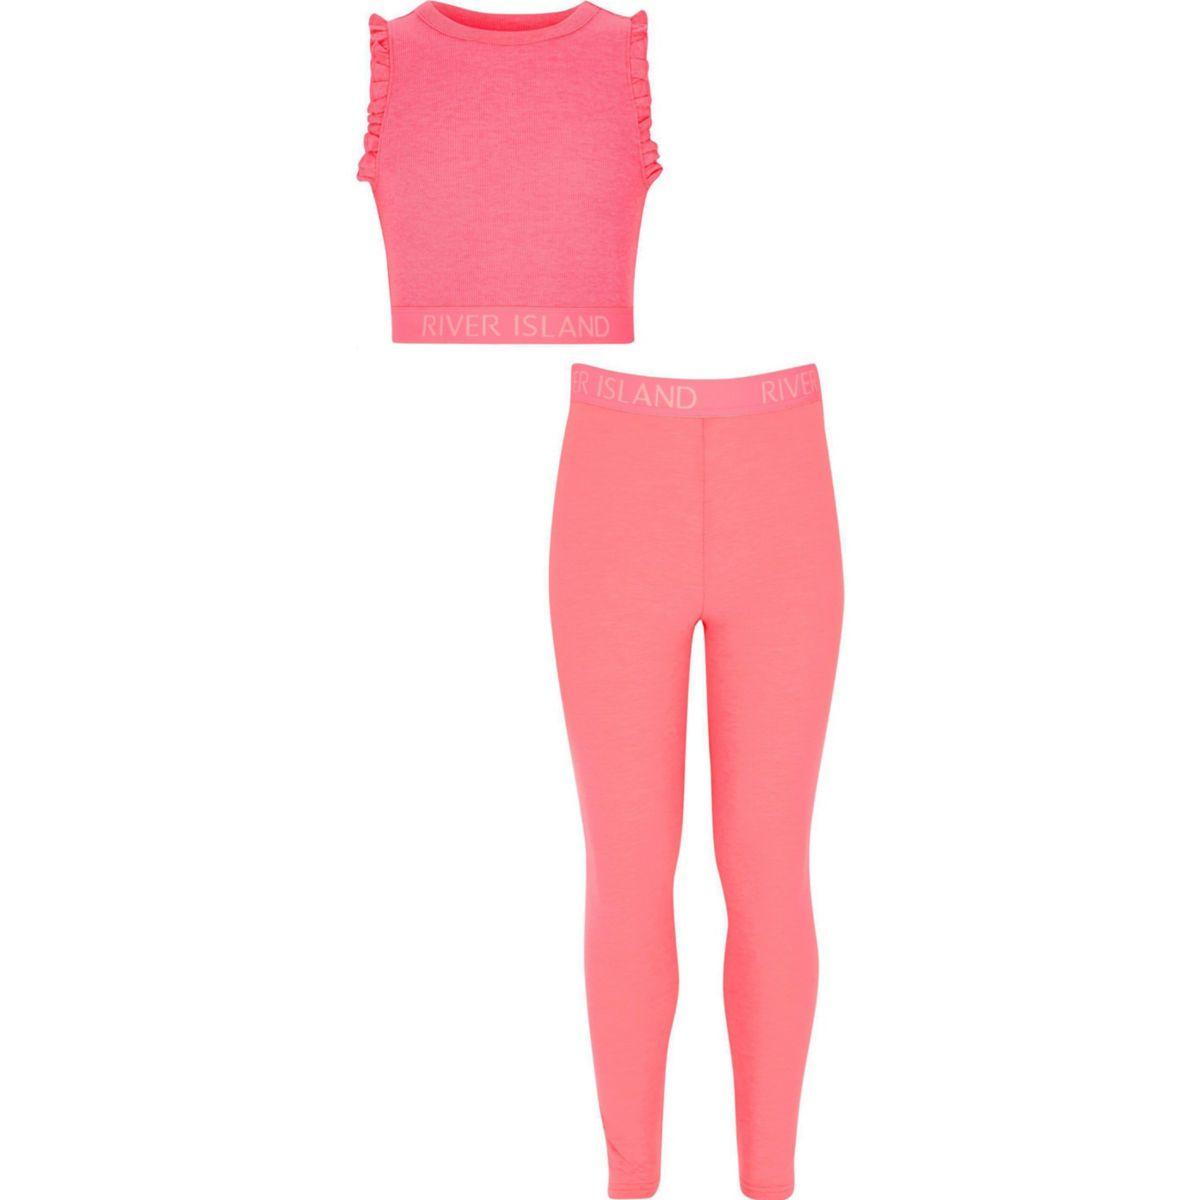 Outfit mit pinkem Crop Top und Leggings